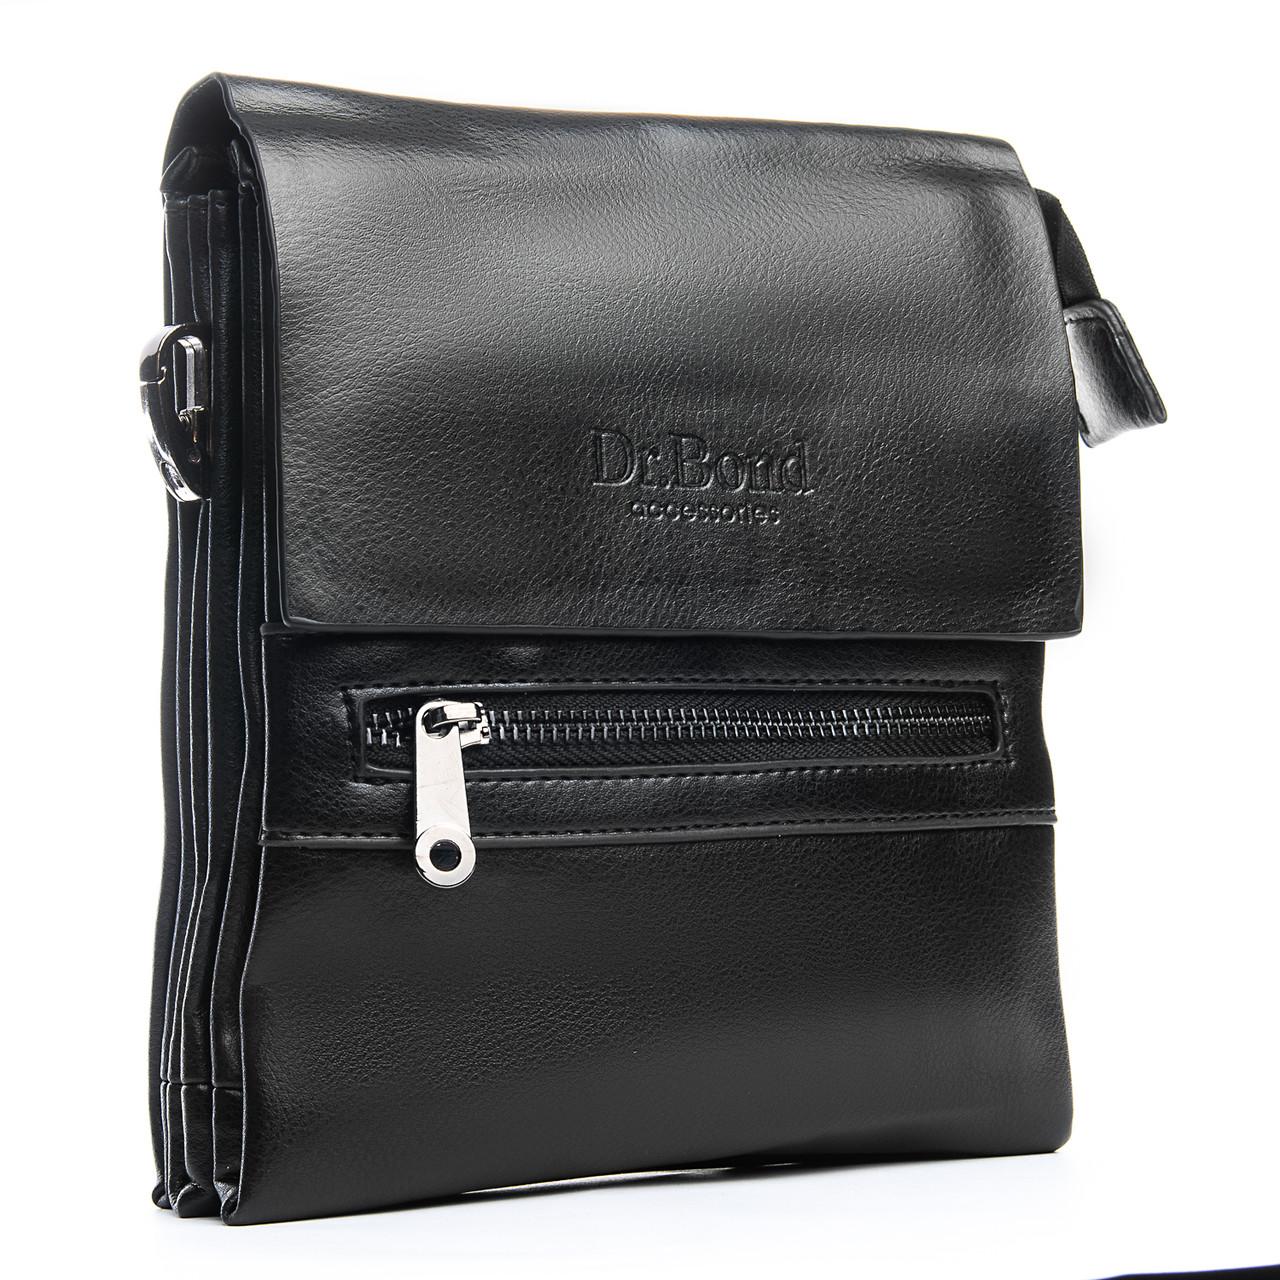 Мужская сумка Планшет Dr.Bond 17 x 20 x 5см Черный (db317-1)